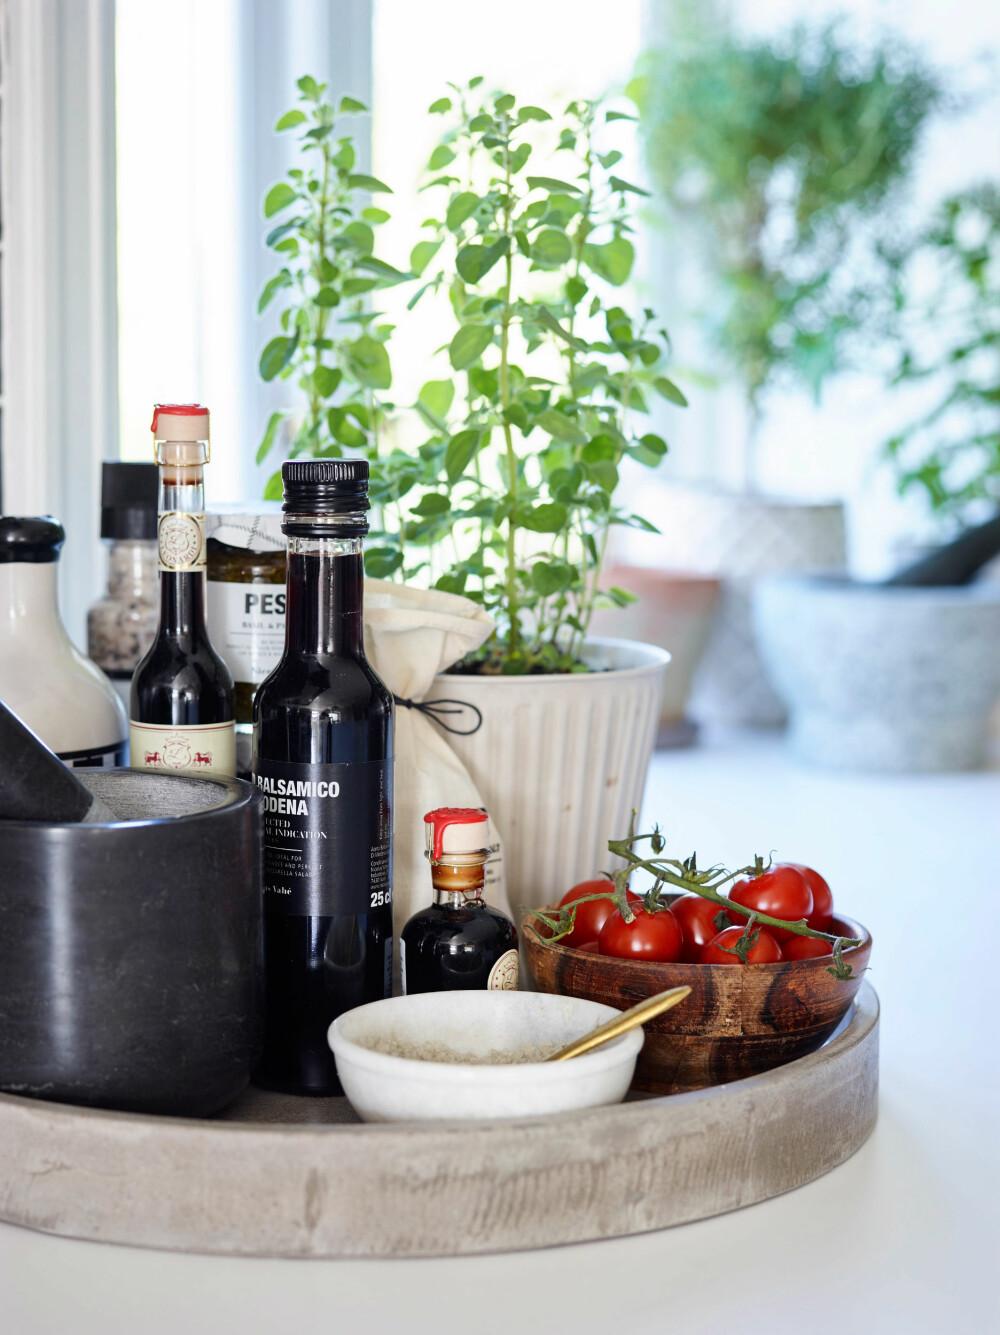 DEKORATIVT OG NYTTIG: Sett frem fat med urter og grønnsaker, det er dekorativt og nyttig.